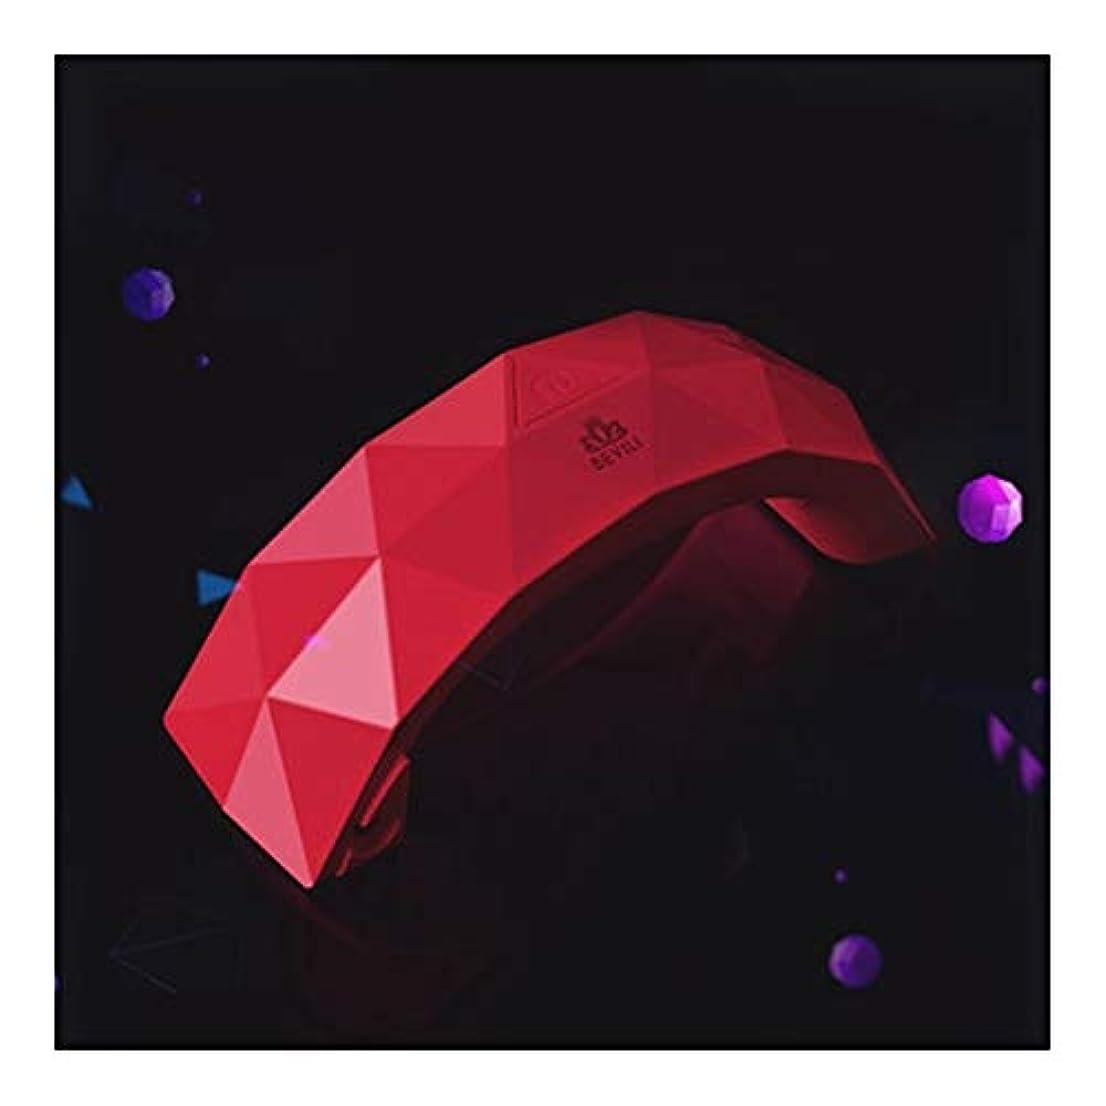 赤外線カスケード有用LittleCat ミニLEDレインボーライトセラピーランプジェルネイルポリッシュネイルズネイルドライヤーの熱ランプライト療法機械 (色 : 赤)